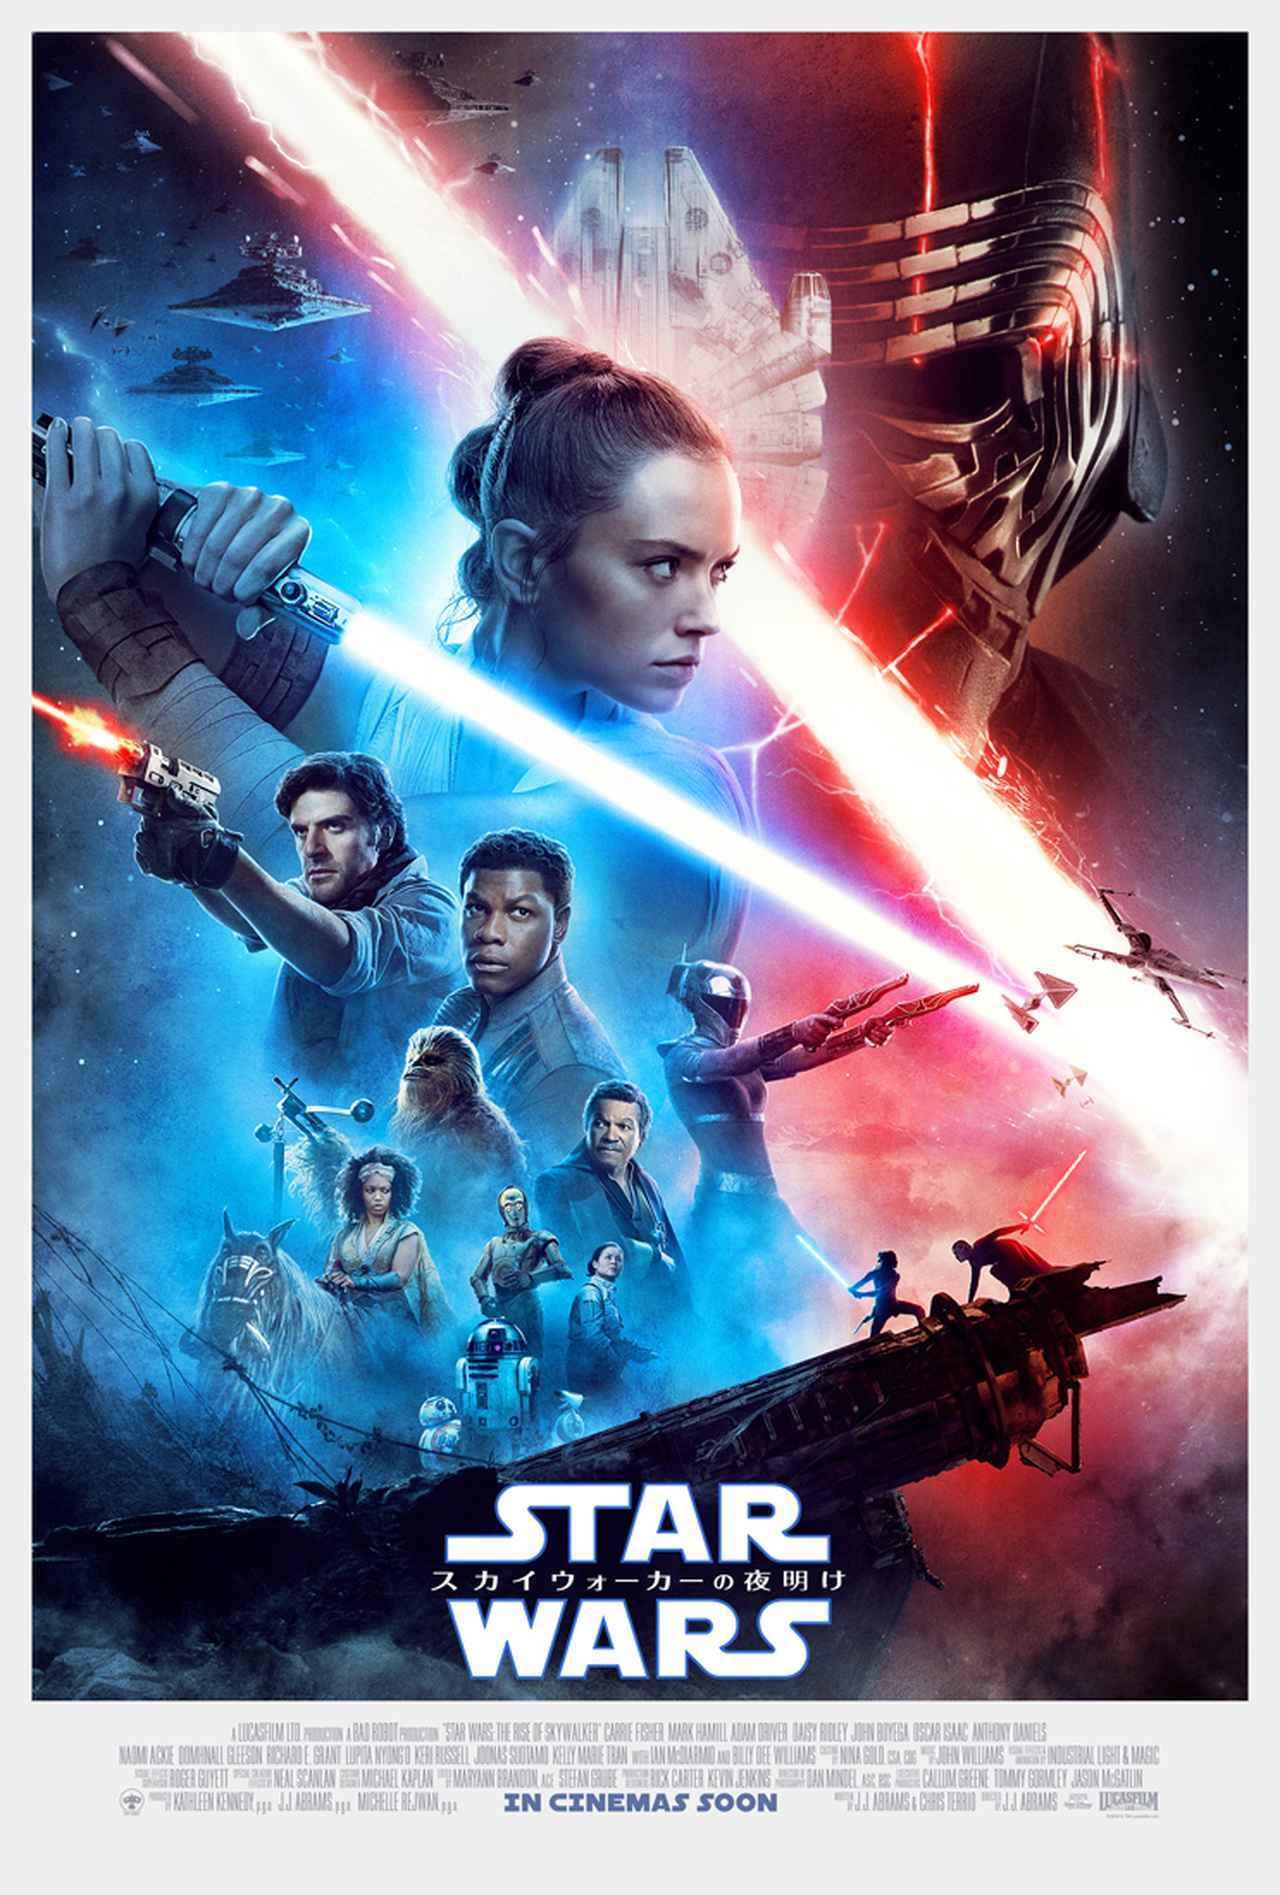 画像1: © 2019 ILM and Lucasfilm Ltd. All Rights Reserved.